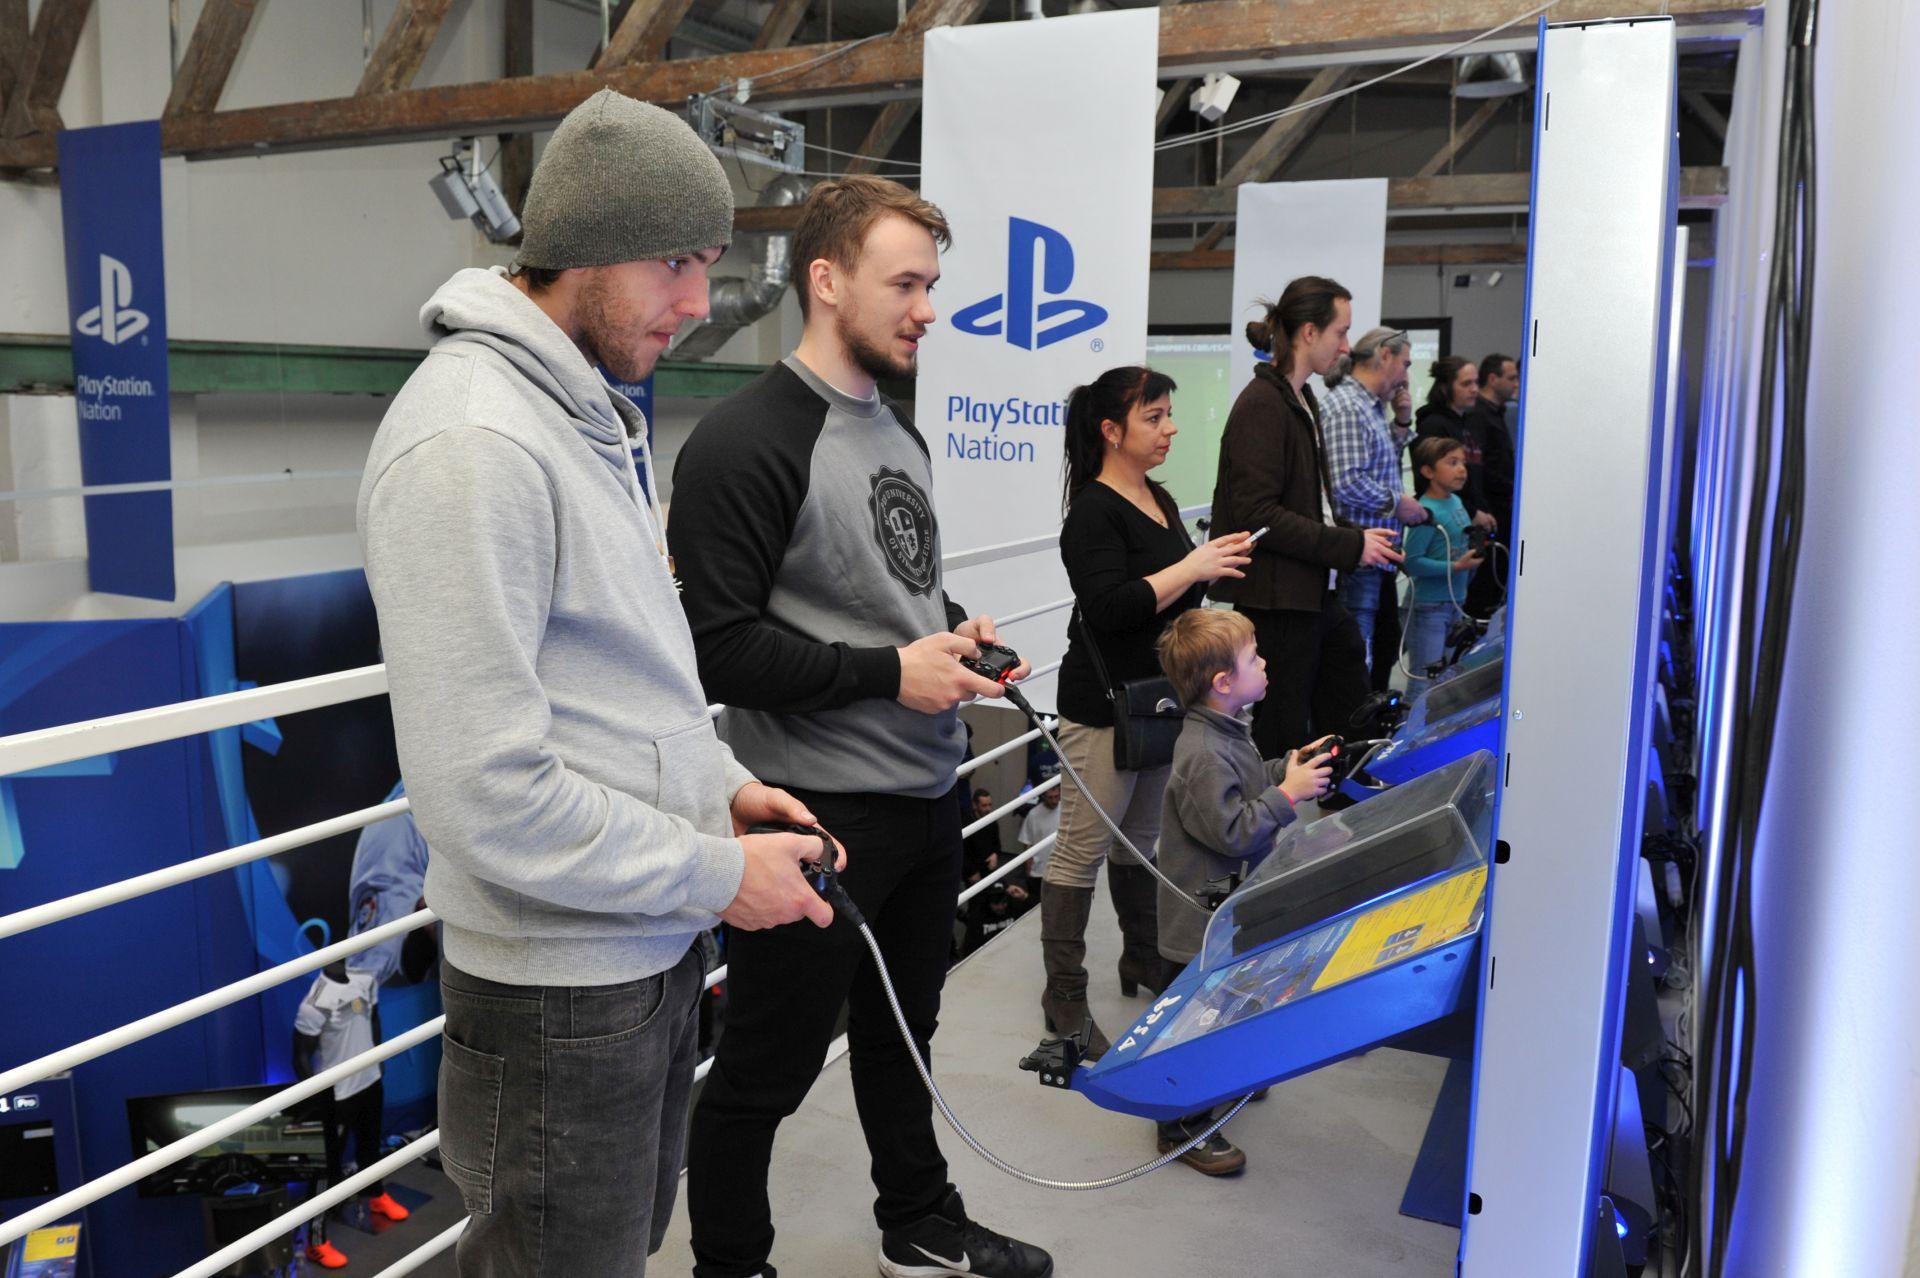 Český PlayStation Nation navštívilo přes 2000 lidí 153108